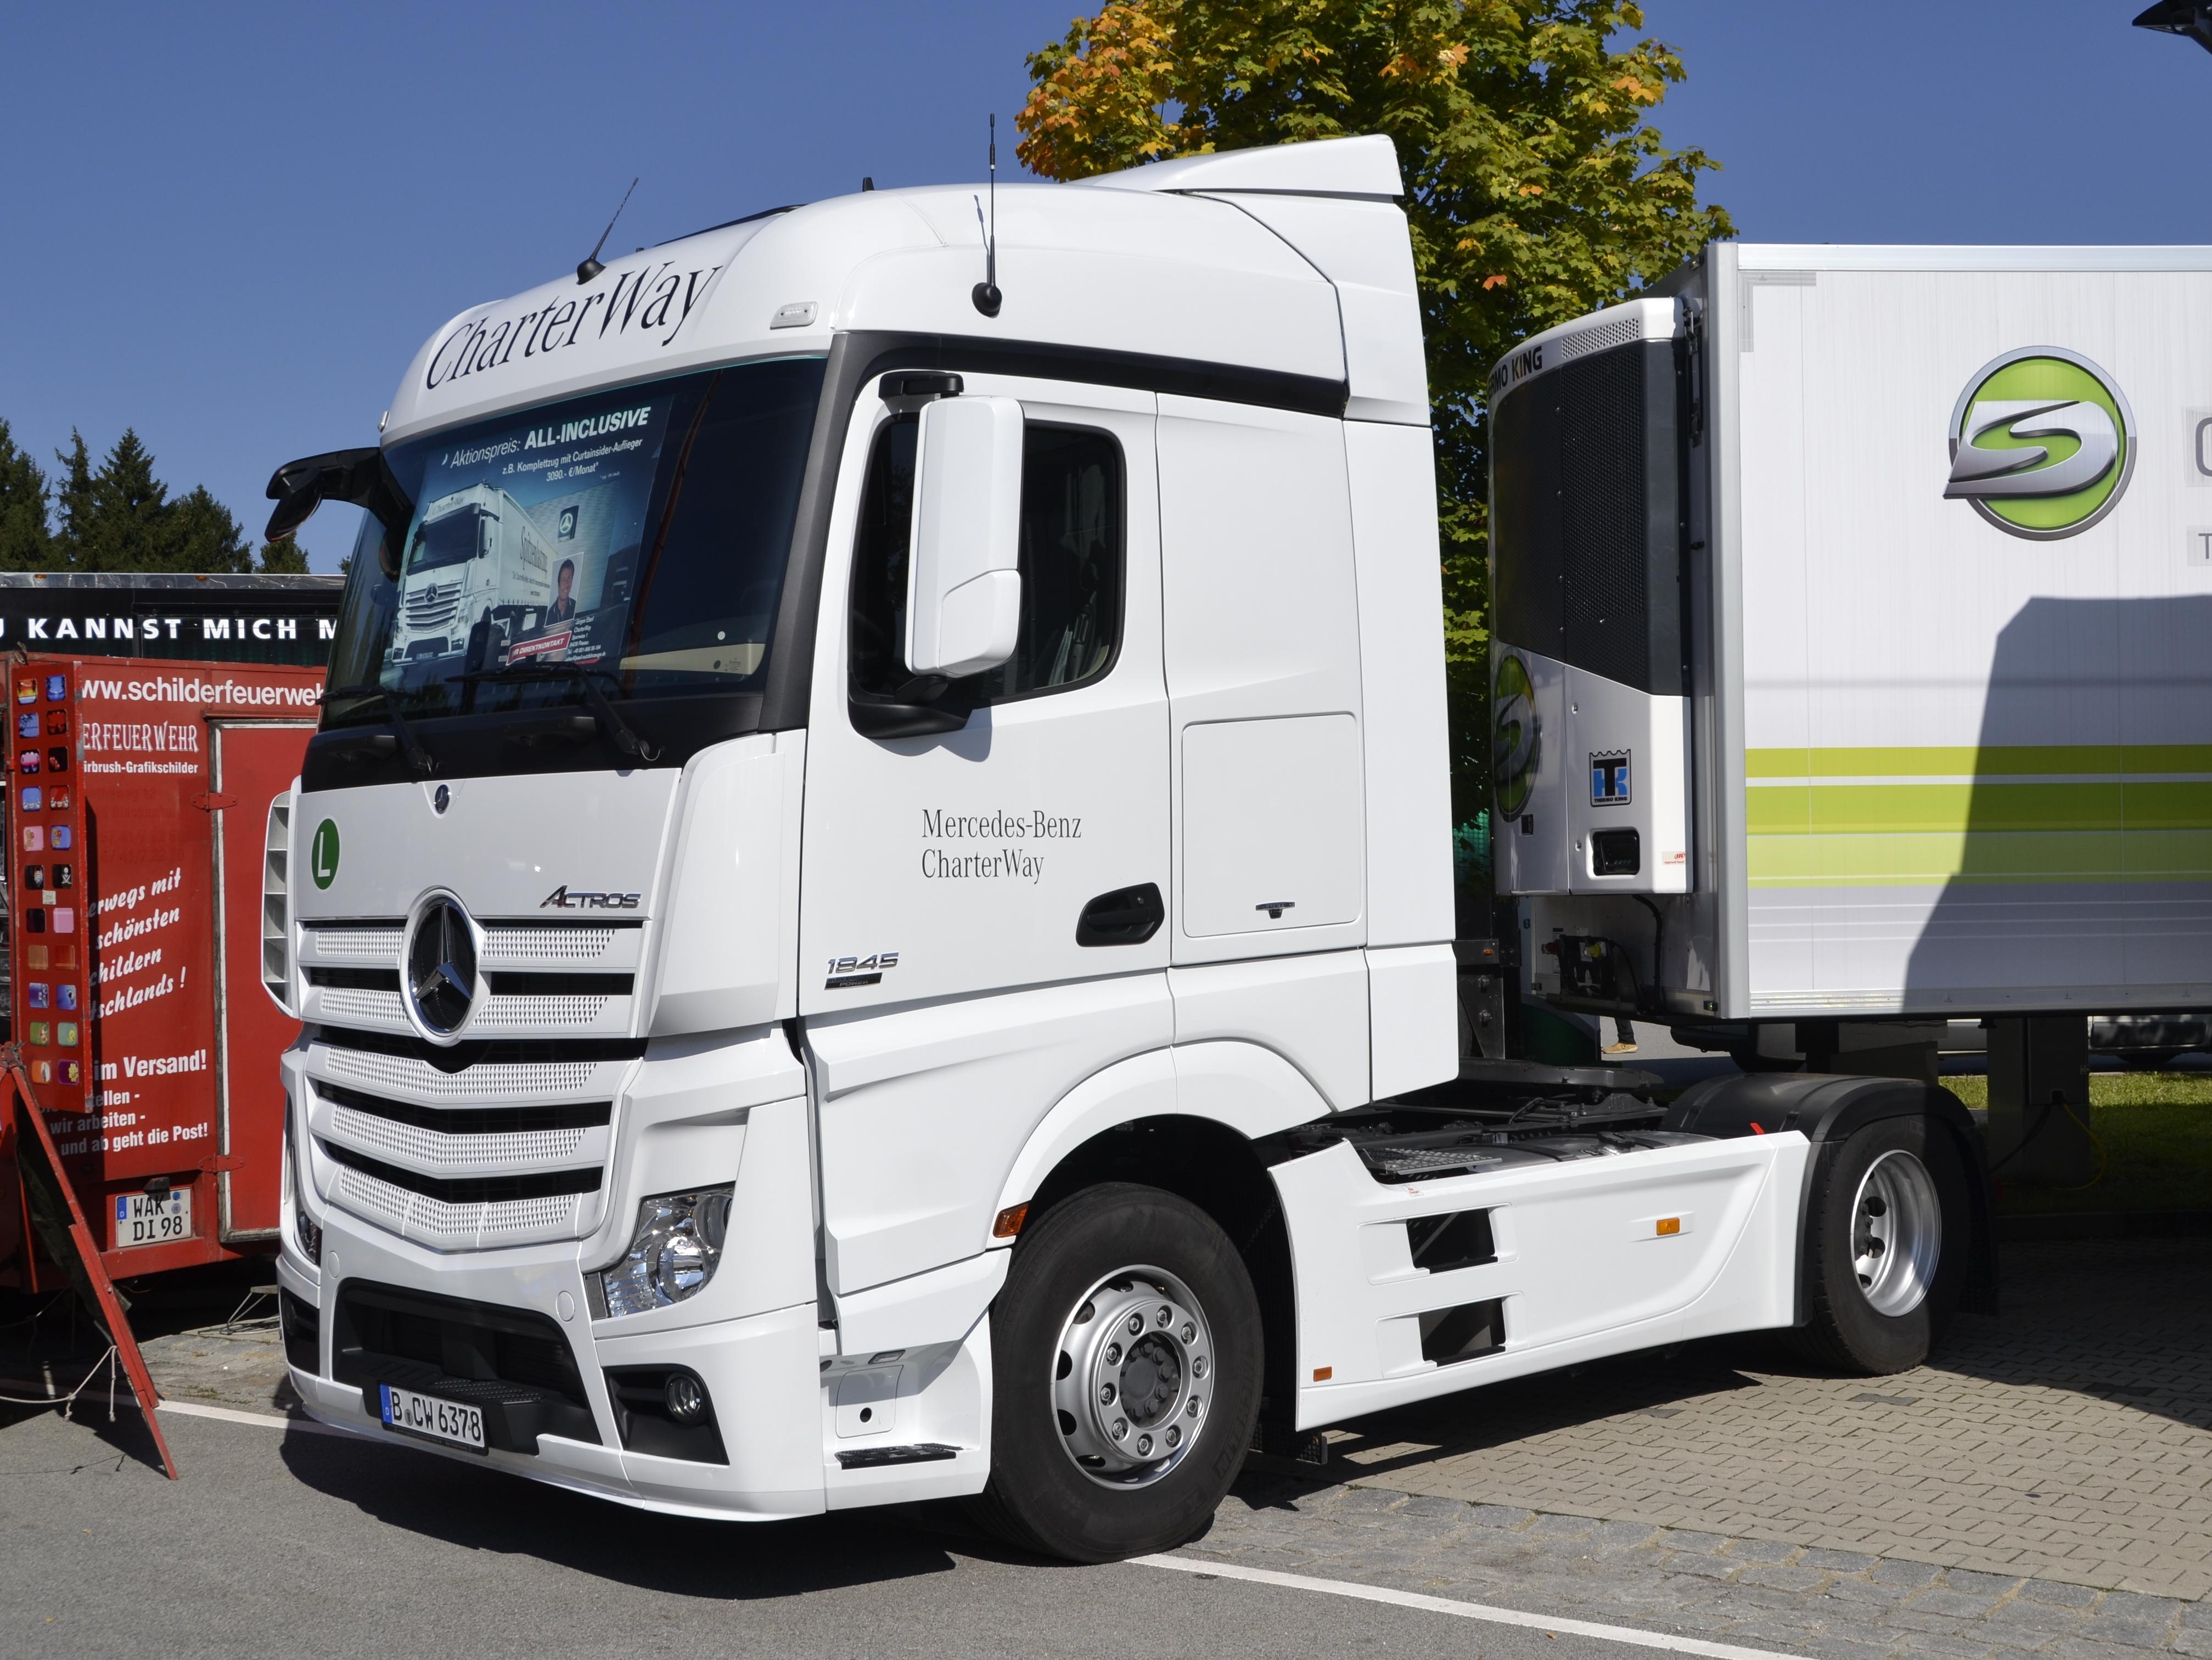 File:Europäisches Trucker-Treffen in Passau -37.JPG